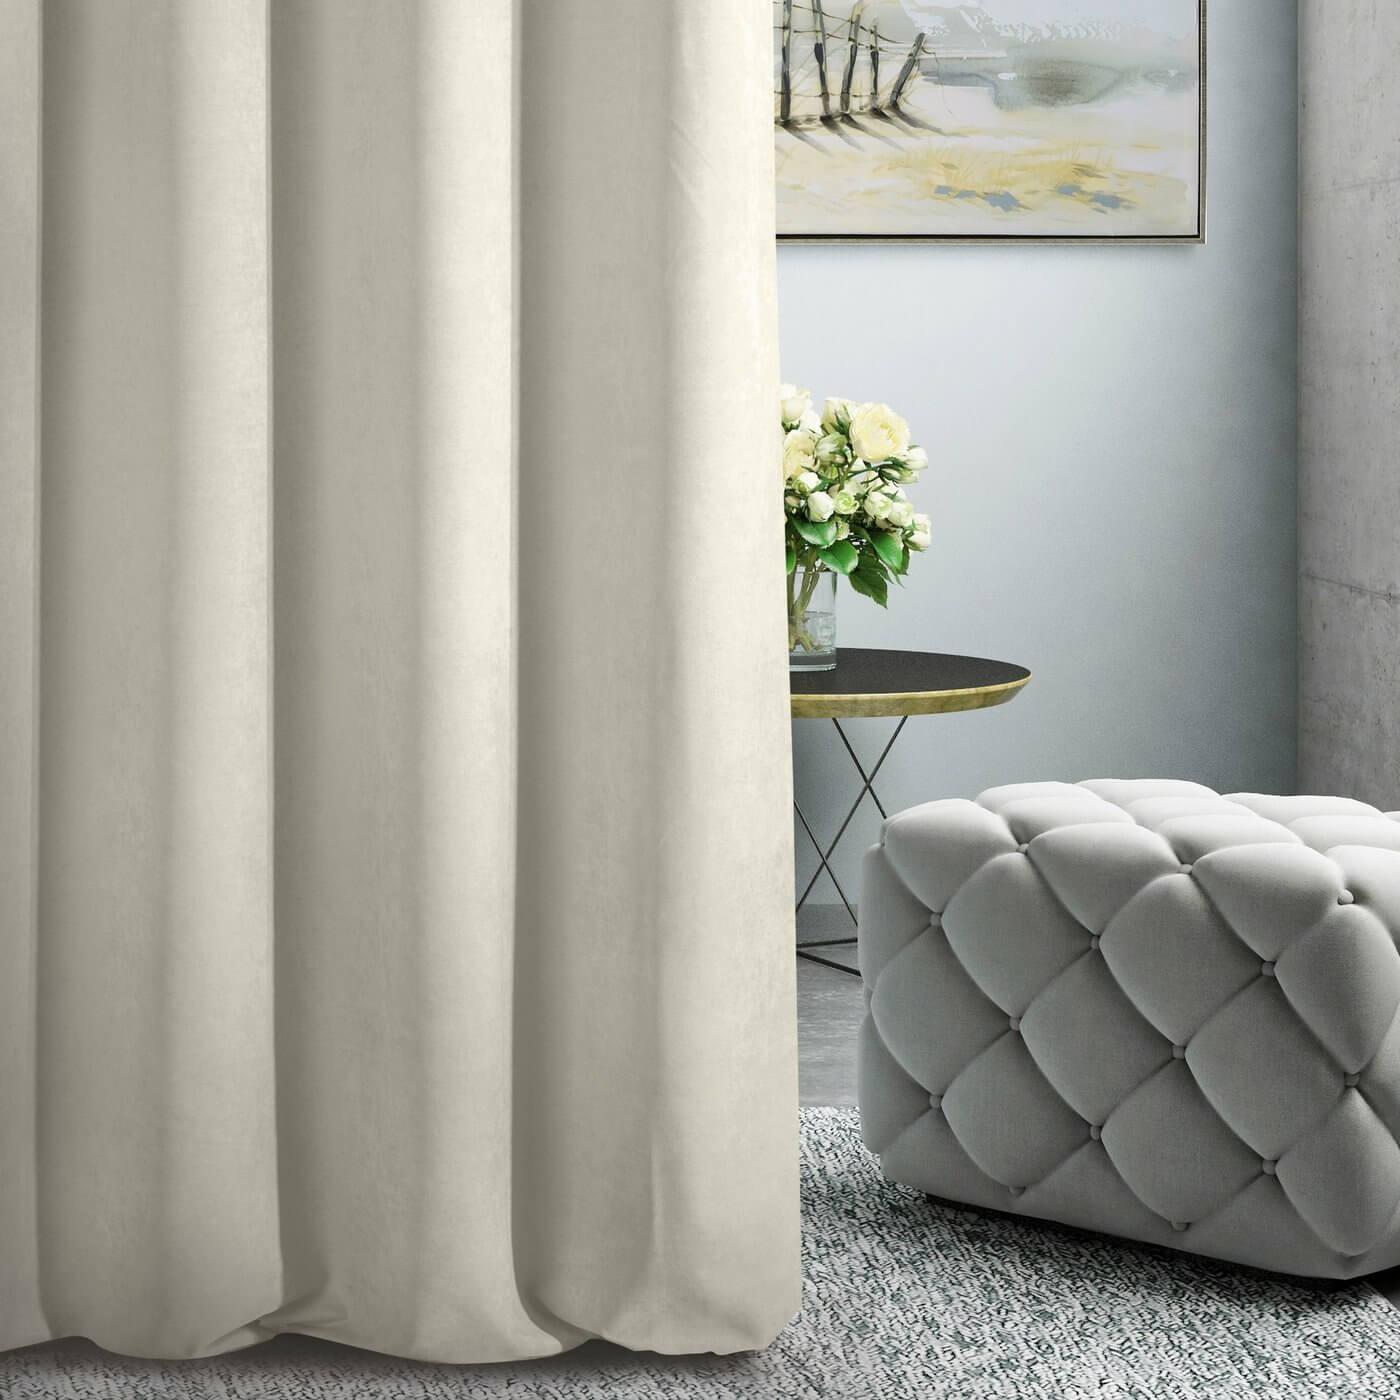 Римские шторы и шторы? Предлагаем, что выбрать для вашего интерьера.